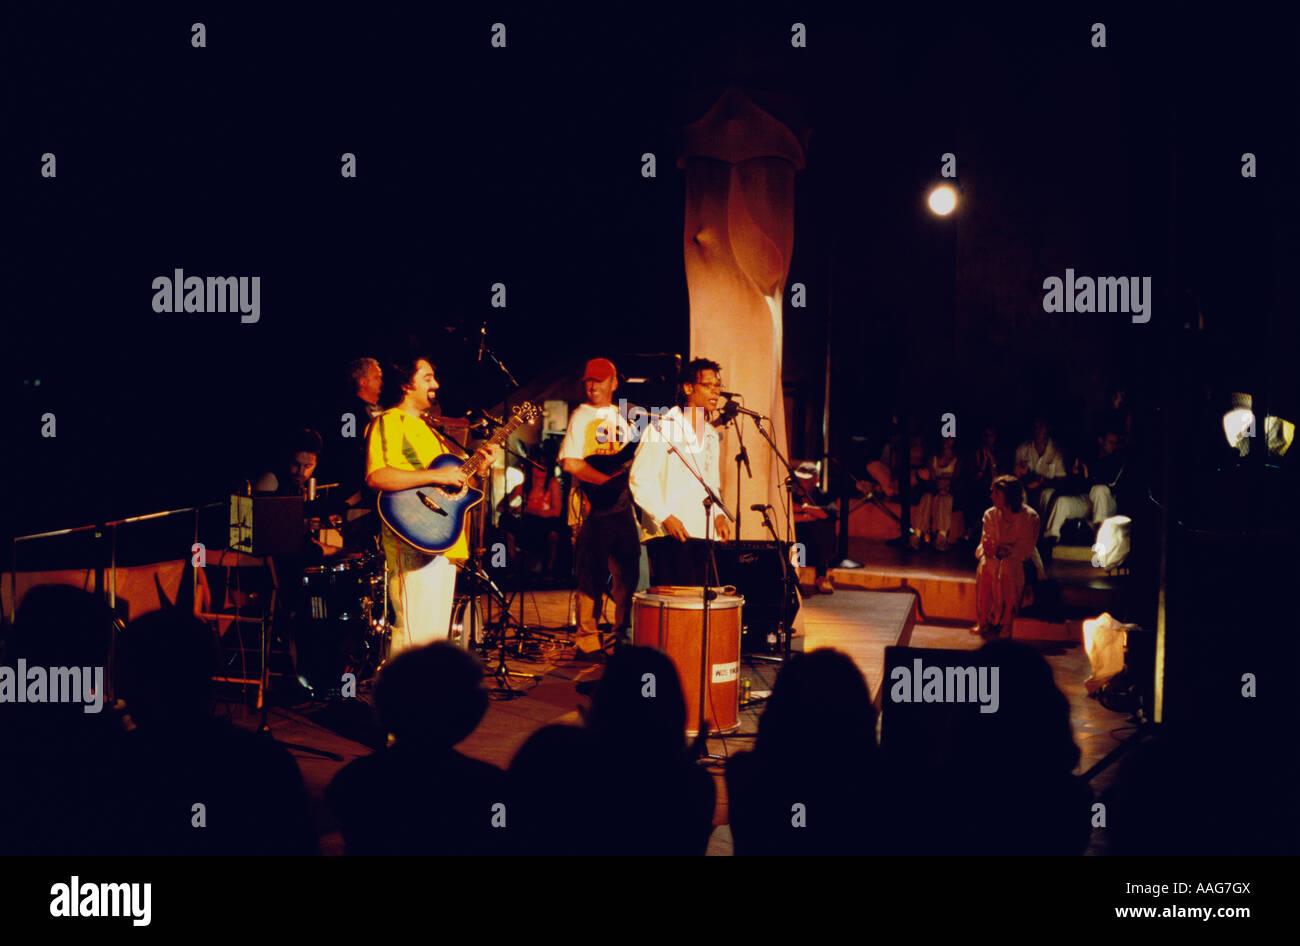 Sommer-Konzert auf dem Dach des Casa Mila A Gaudi La Pedrera Barcelona Katalonien Spanien Stockfoto